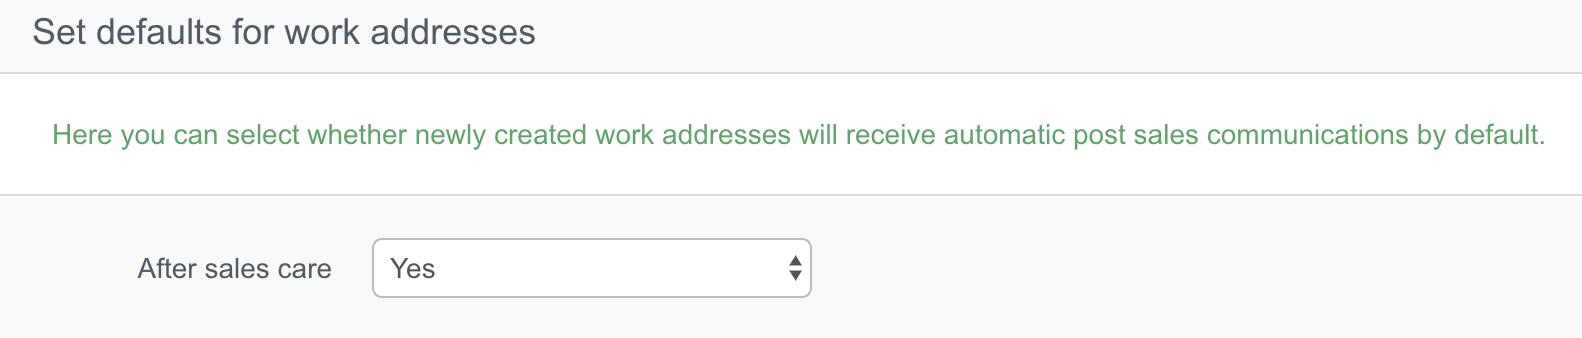 ASC work address defaults